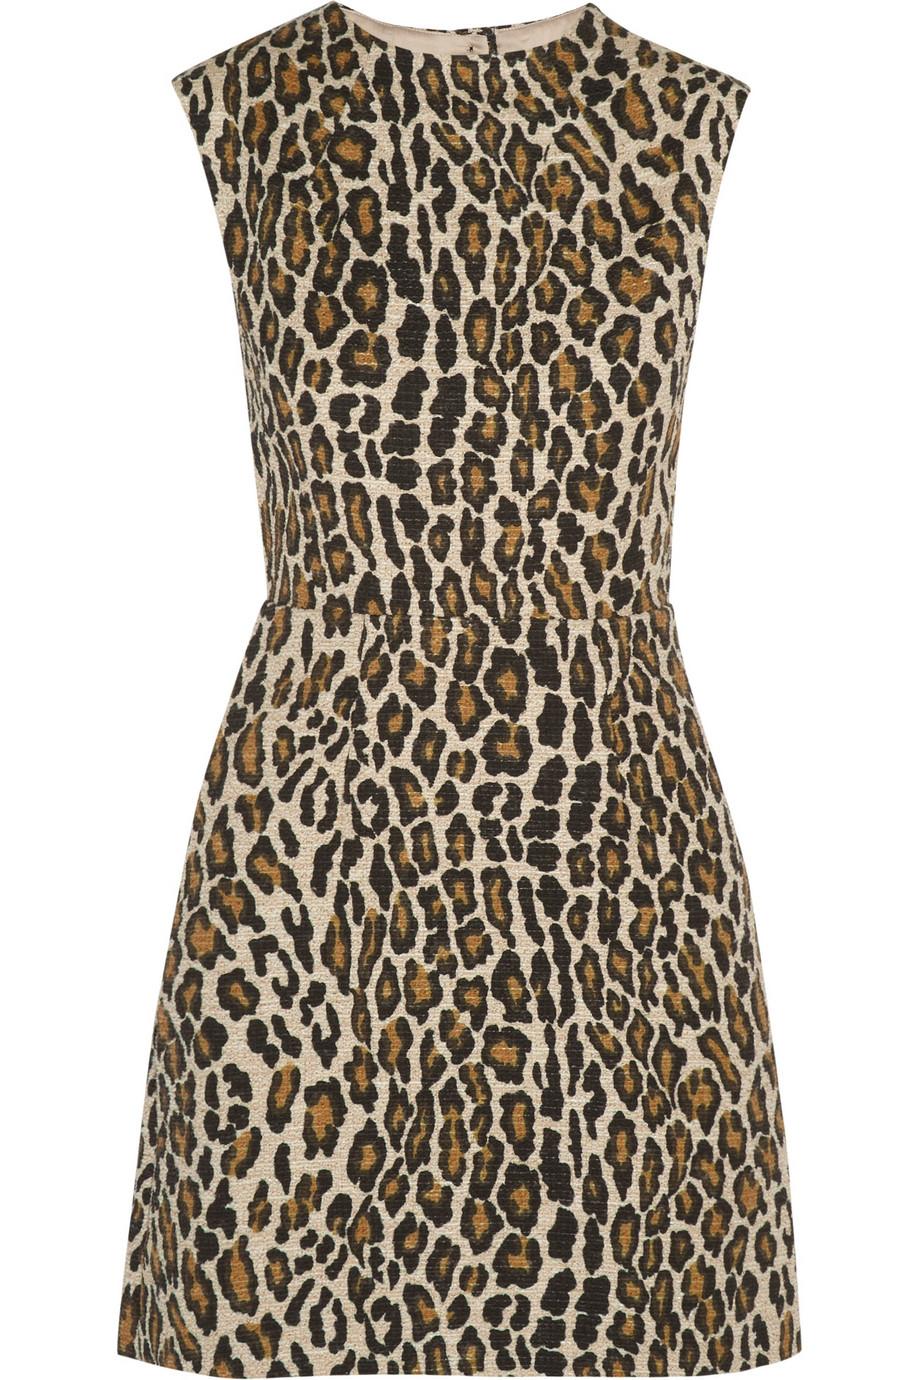 Coco leopard-print cotton-blend mini dress | THE OUTNET